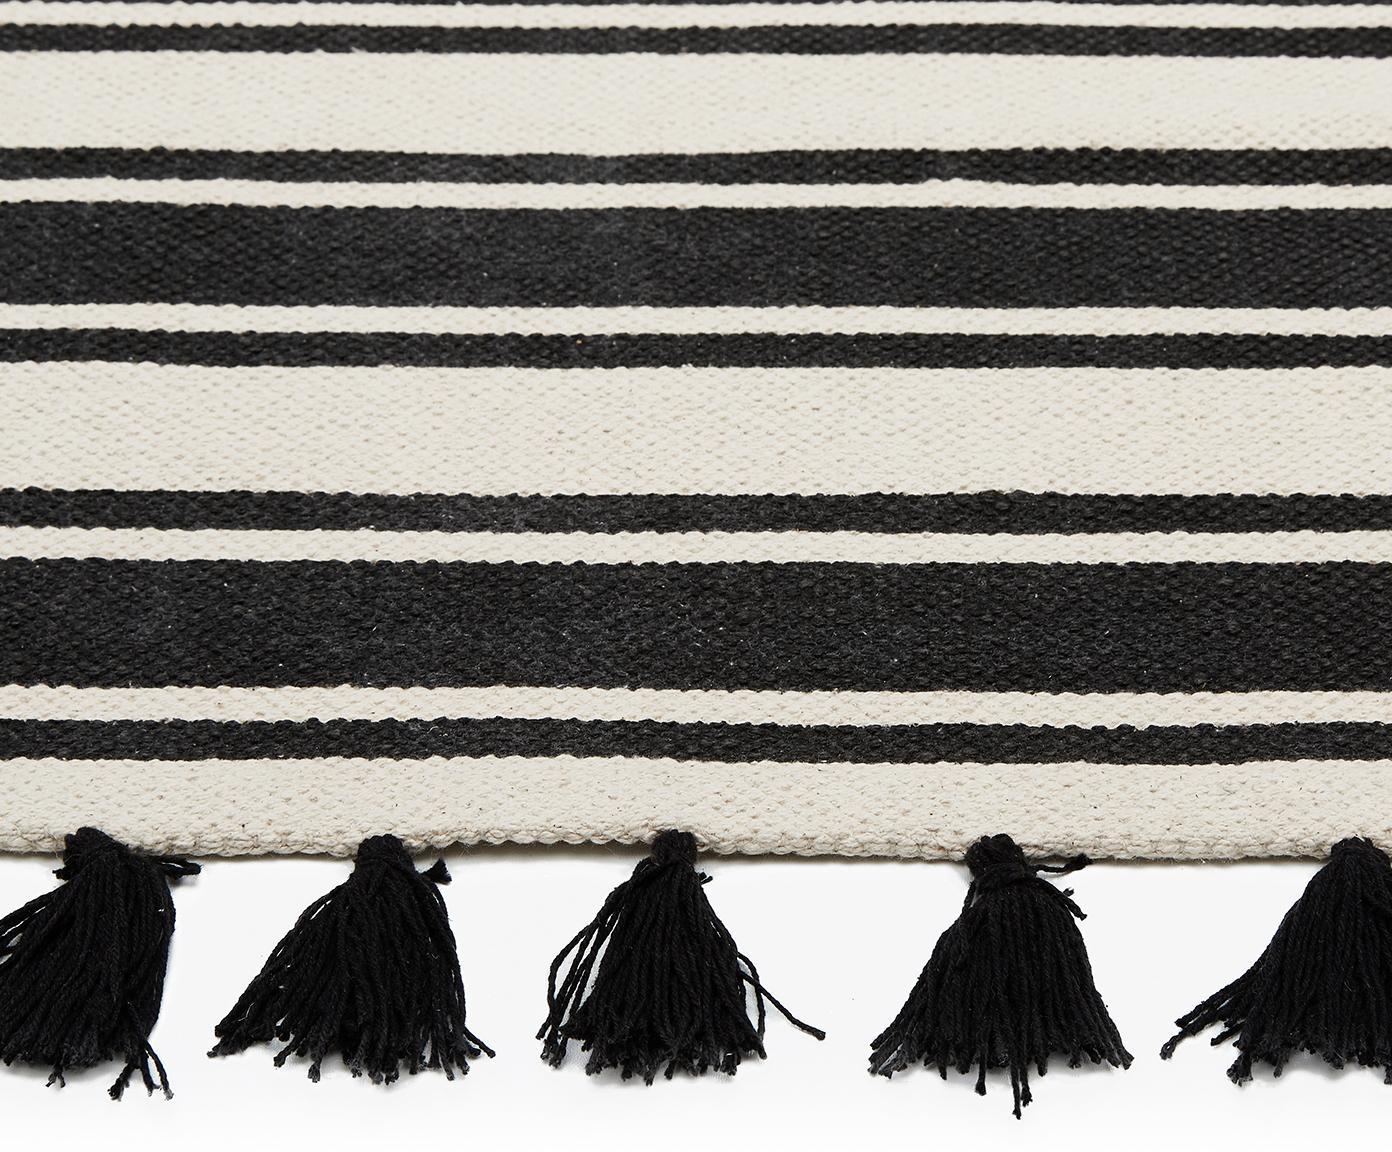 Gestreept handgeweven katoenen vloerkleed Vigga met kwastjes, Zwart, beige, B 120 x L 180 cm (maat S)